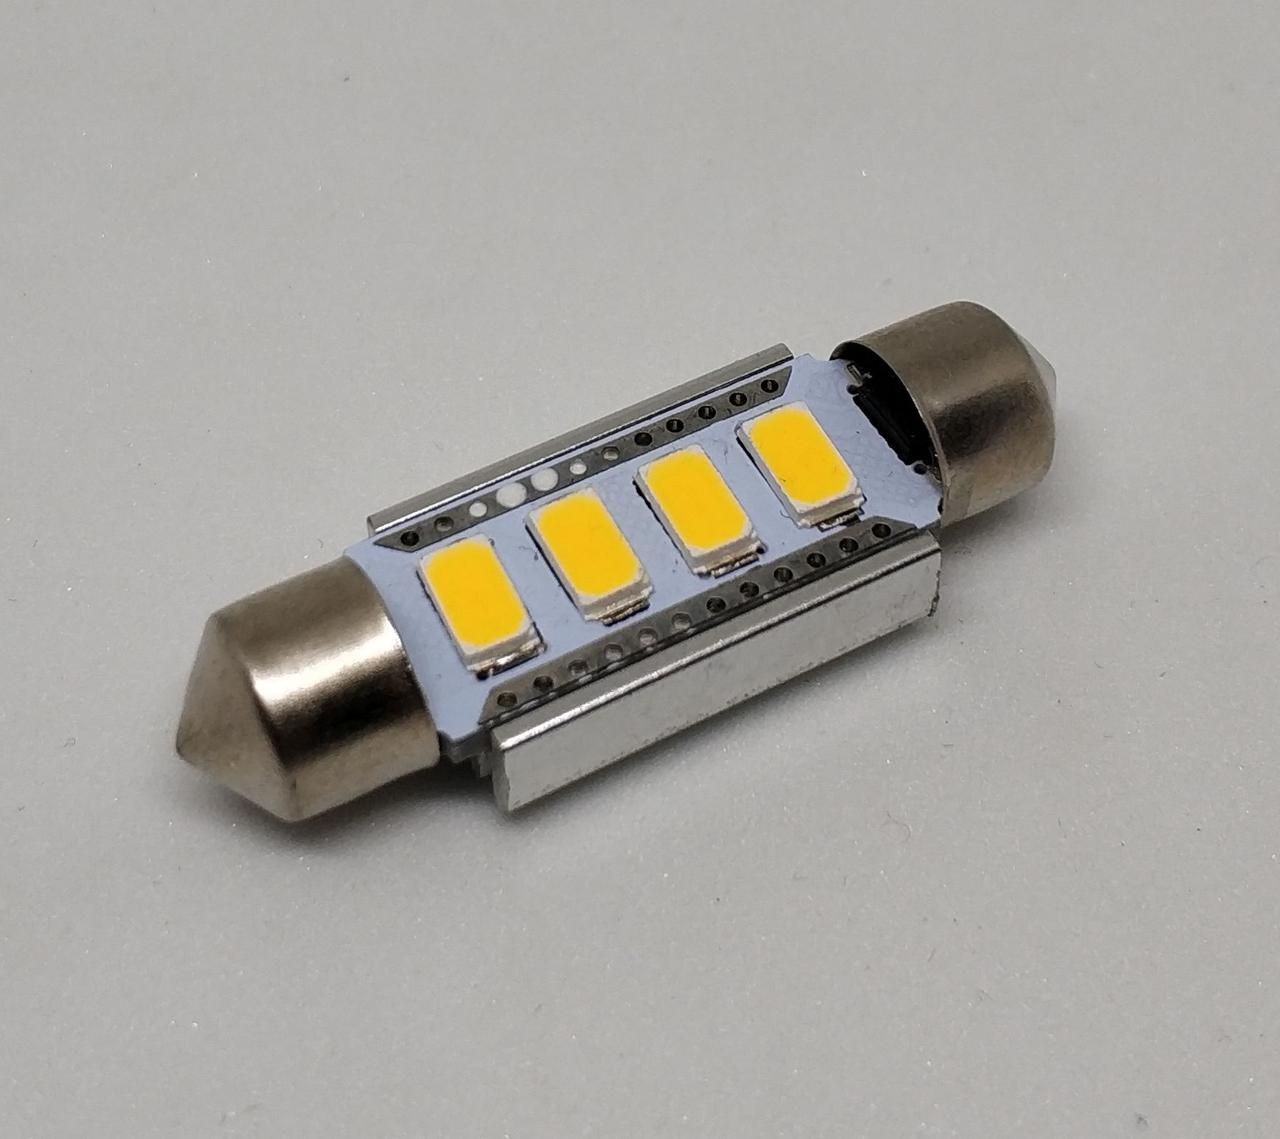 Автолампа LED, C5W, SMD5630, 39 мм, 12B, CANBUS, Теплый белый